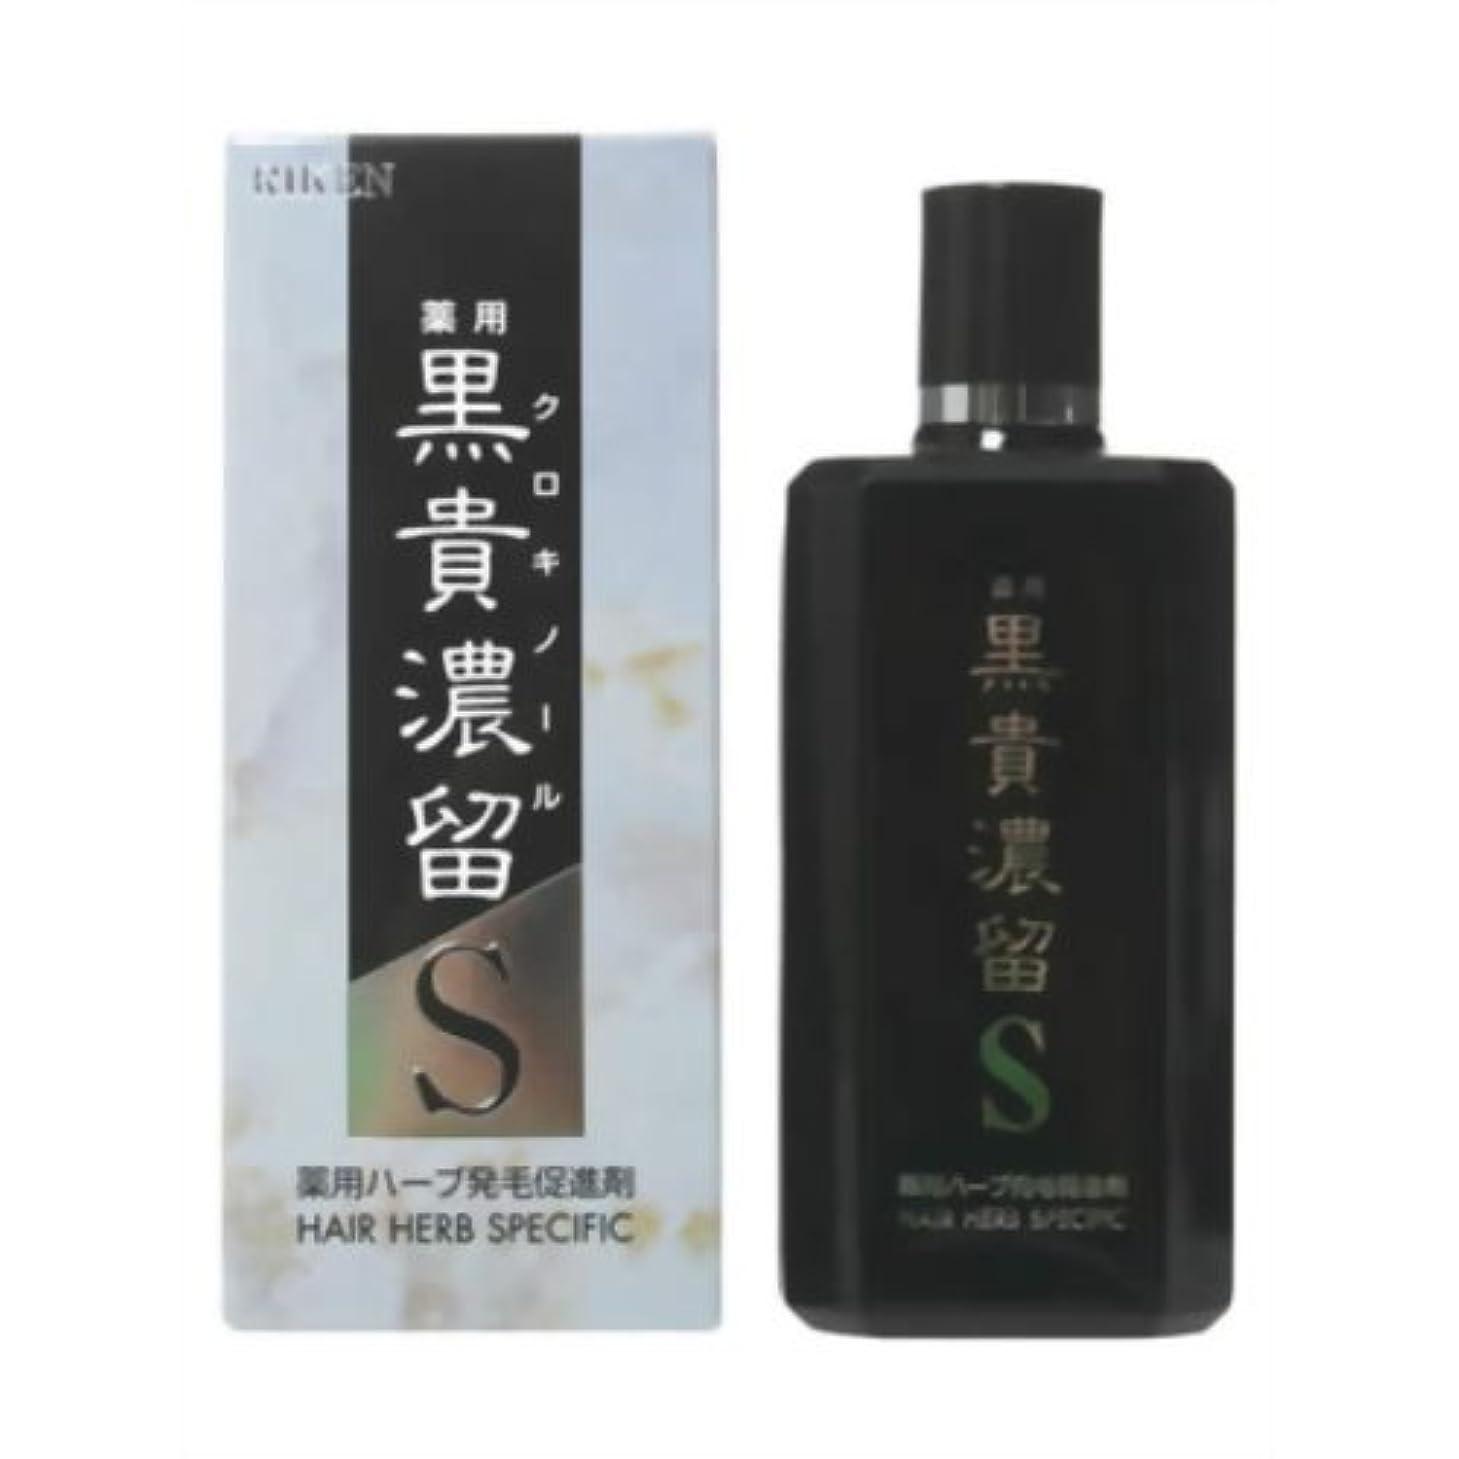 無し八資料リケン 黒貴濃留S(クロキノール) 150ml